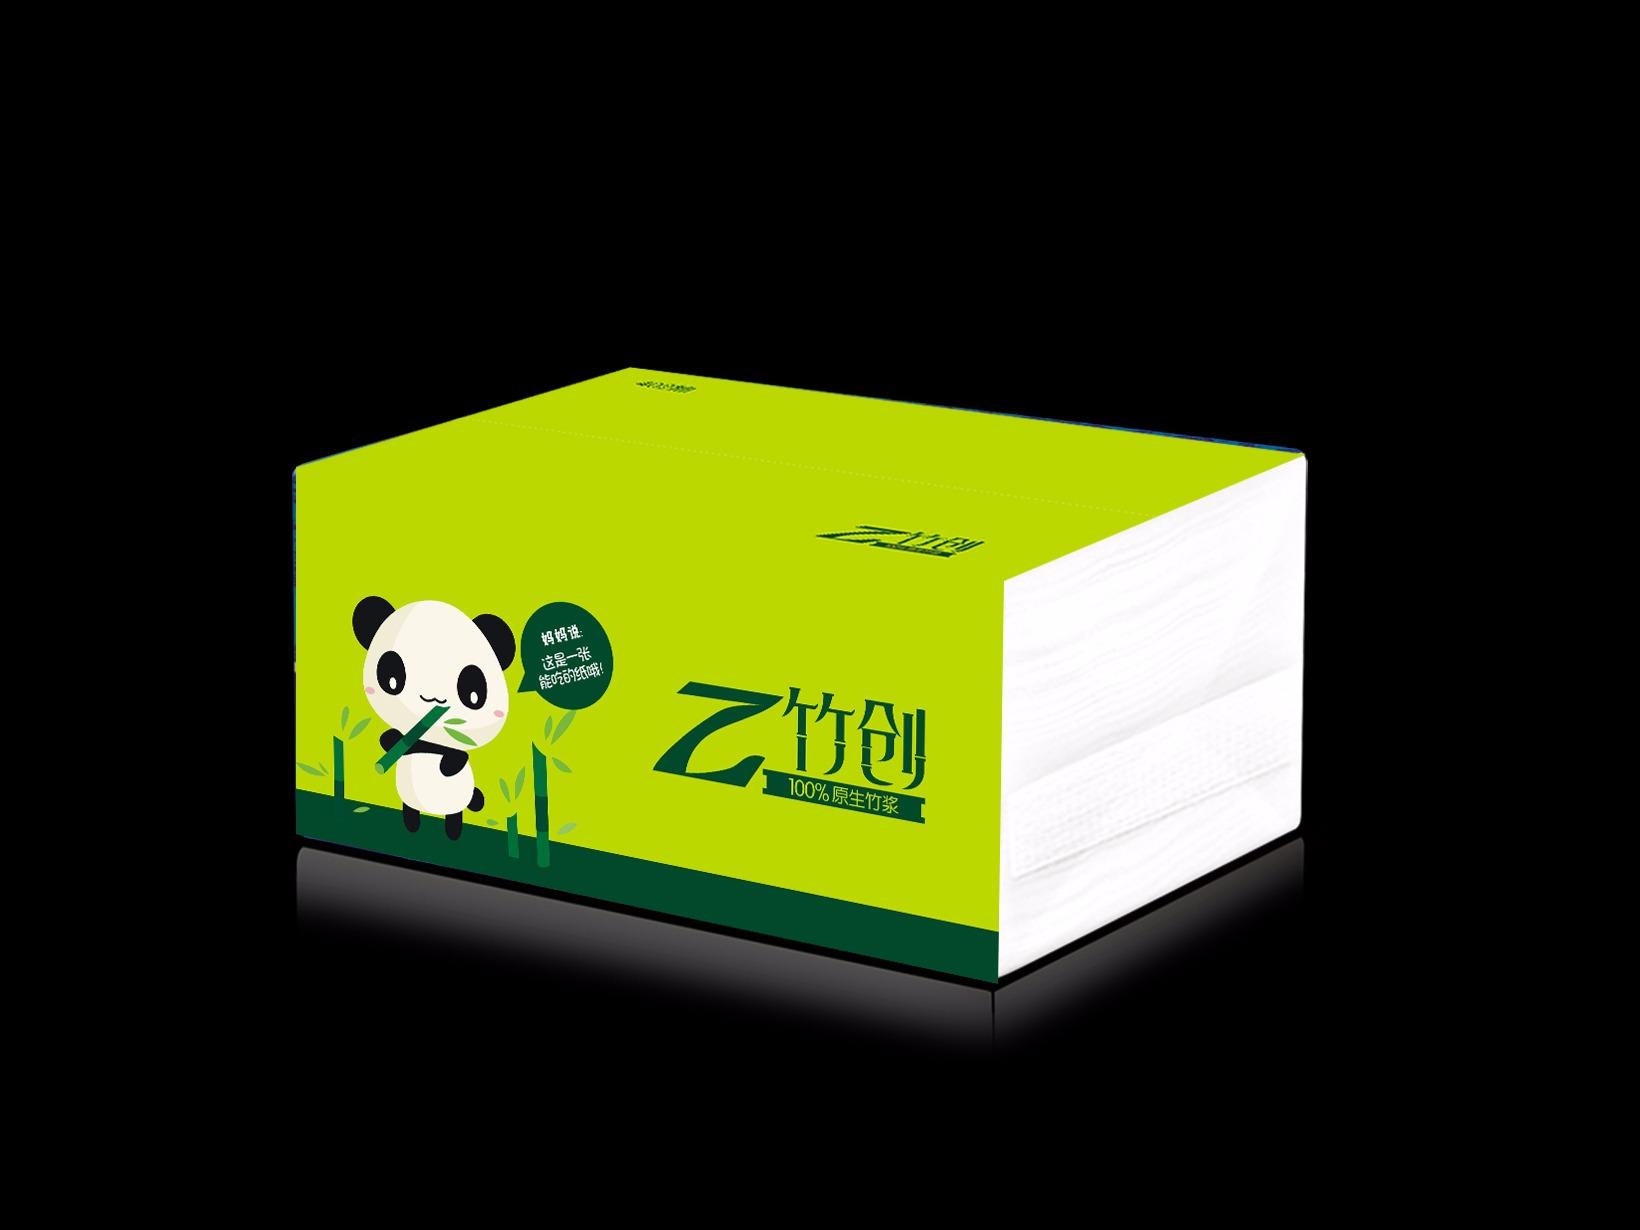 包装 包装设计 设计 1640_1230图片